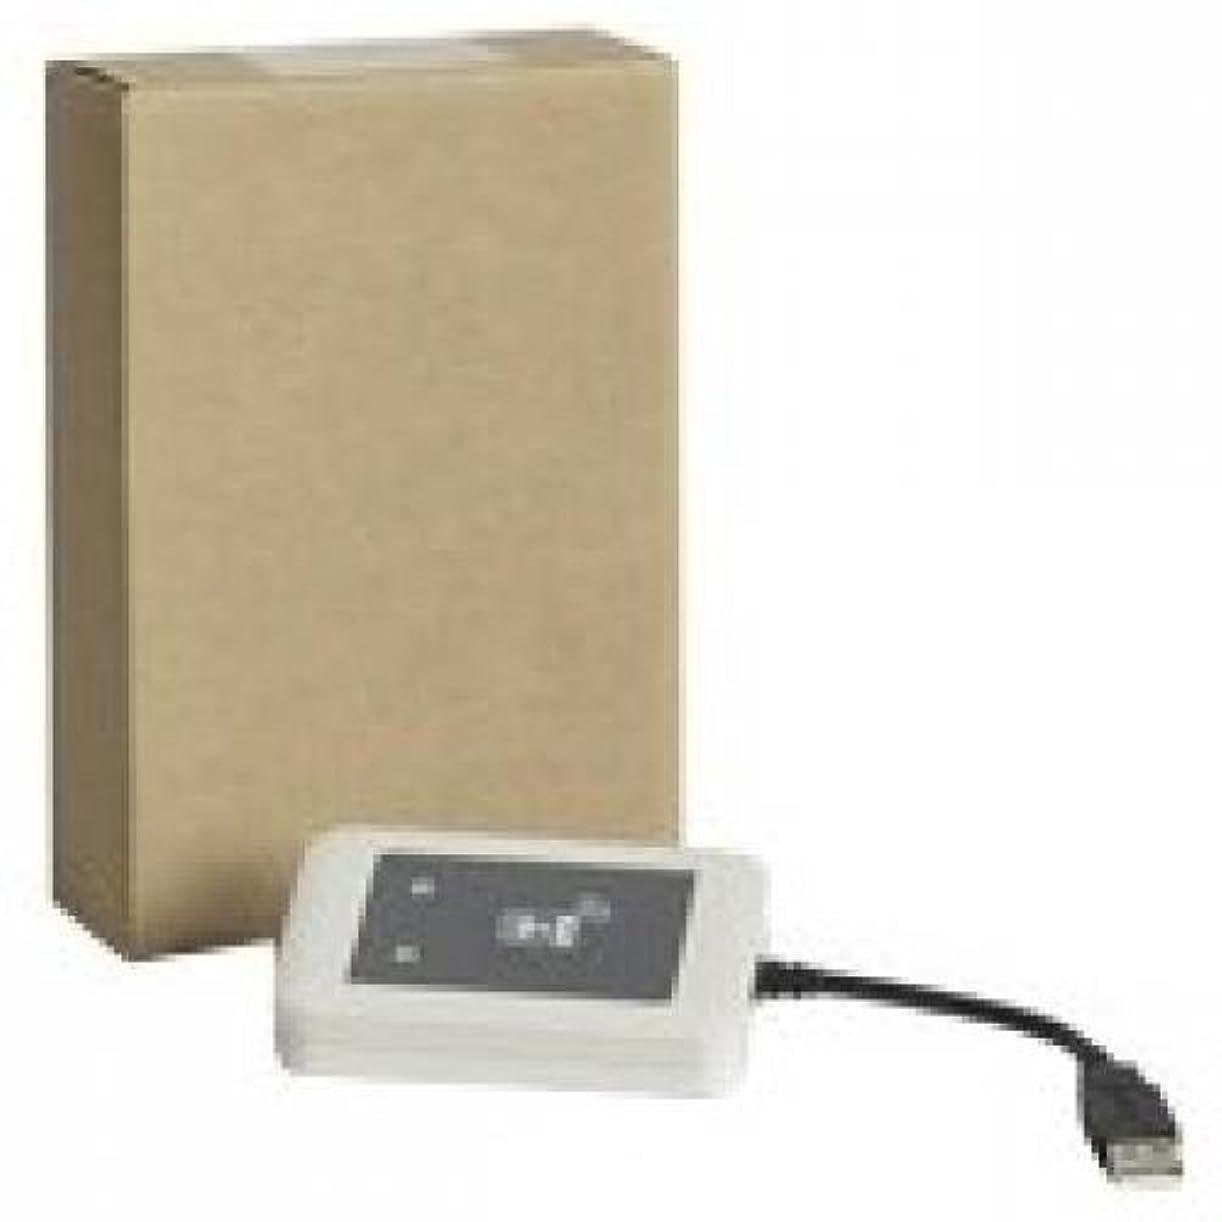 言語アセ靴Xerox - RFID reader - USB - for VersaLink B400, B600, B605, B610, B615, C400, C405, C500, C505, C600, C605